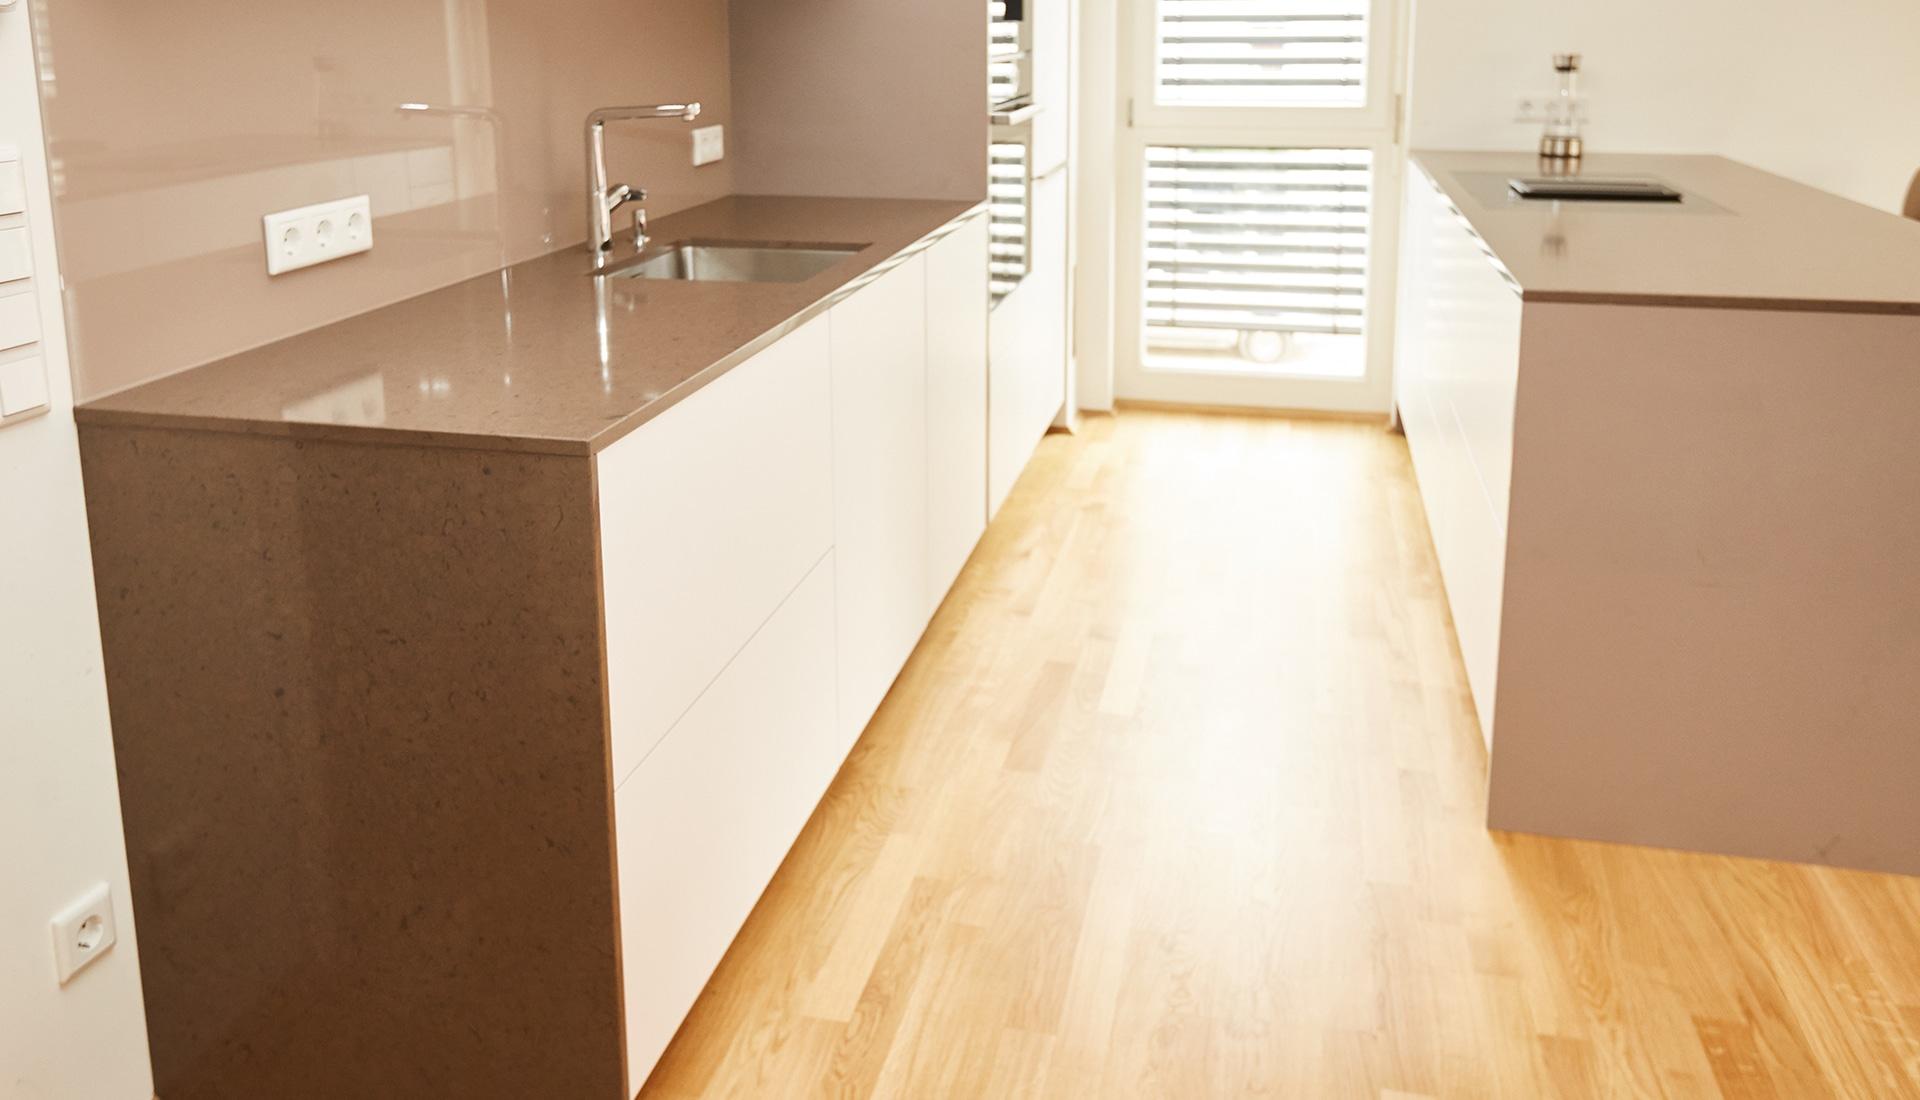 Schön Kreative Küche Entwirft Tal Strom Ny Fotos - Küchenschrank ...